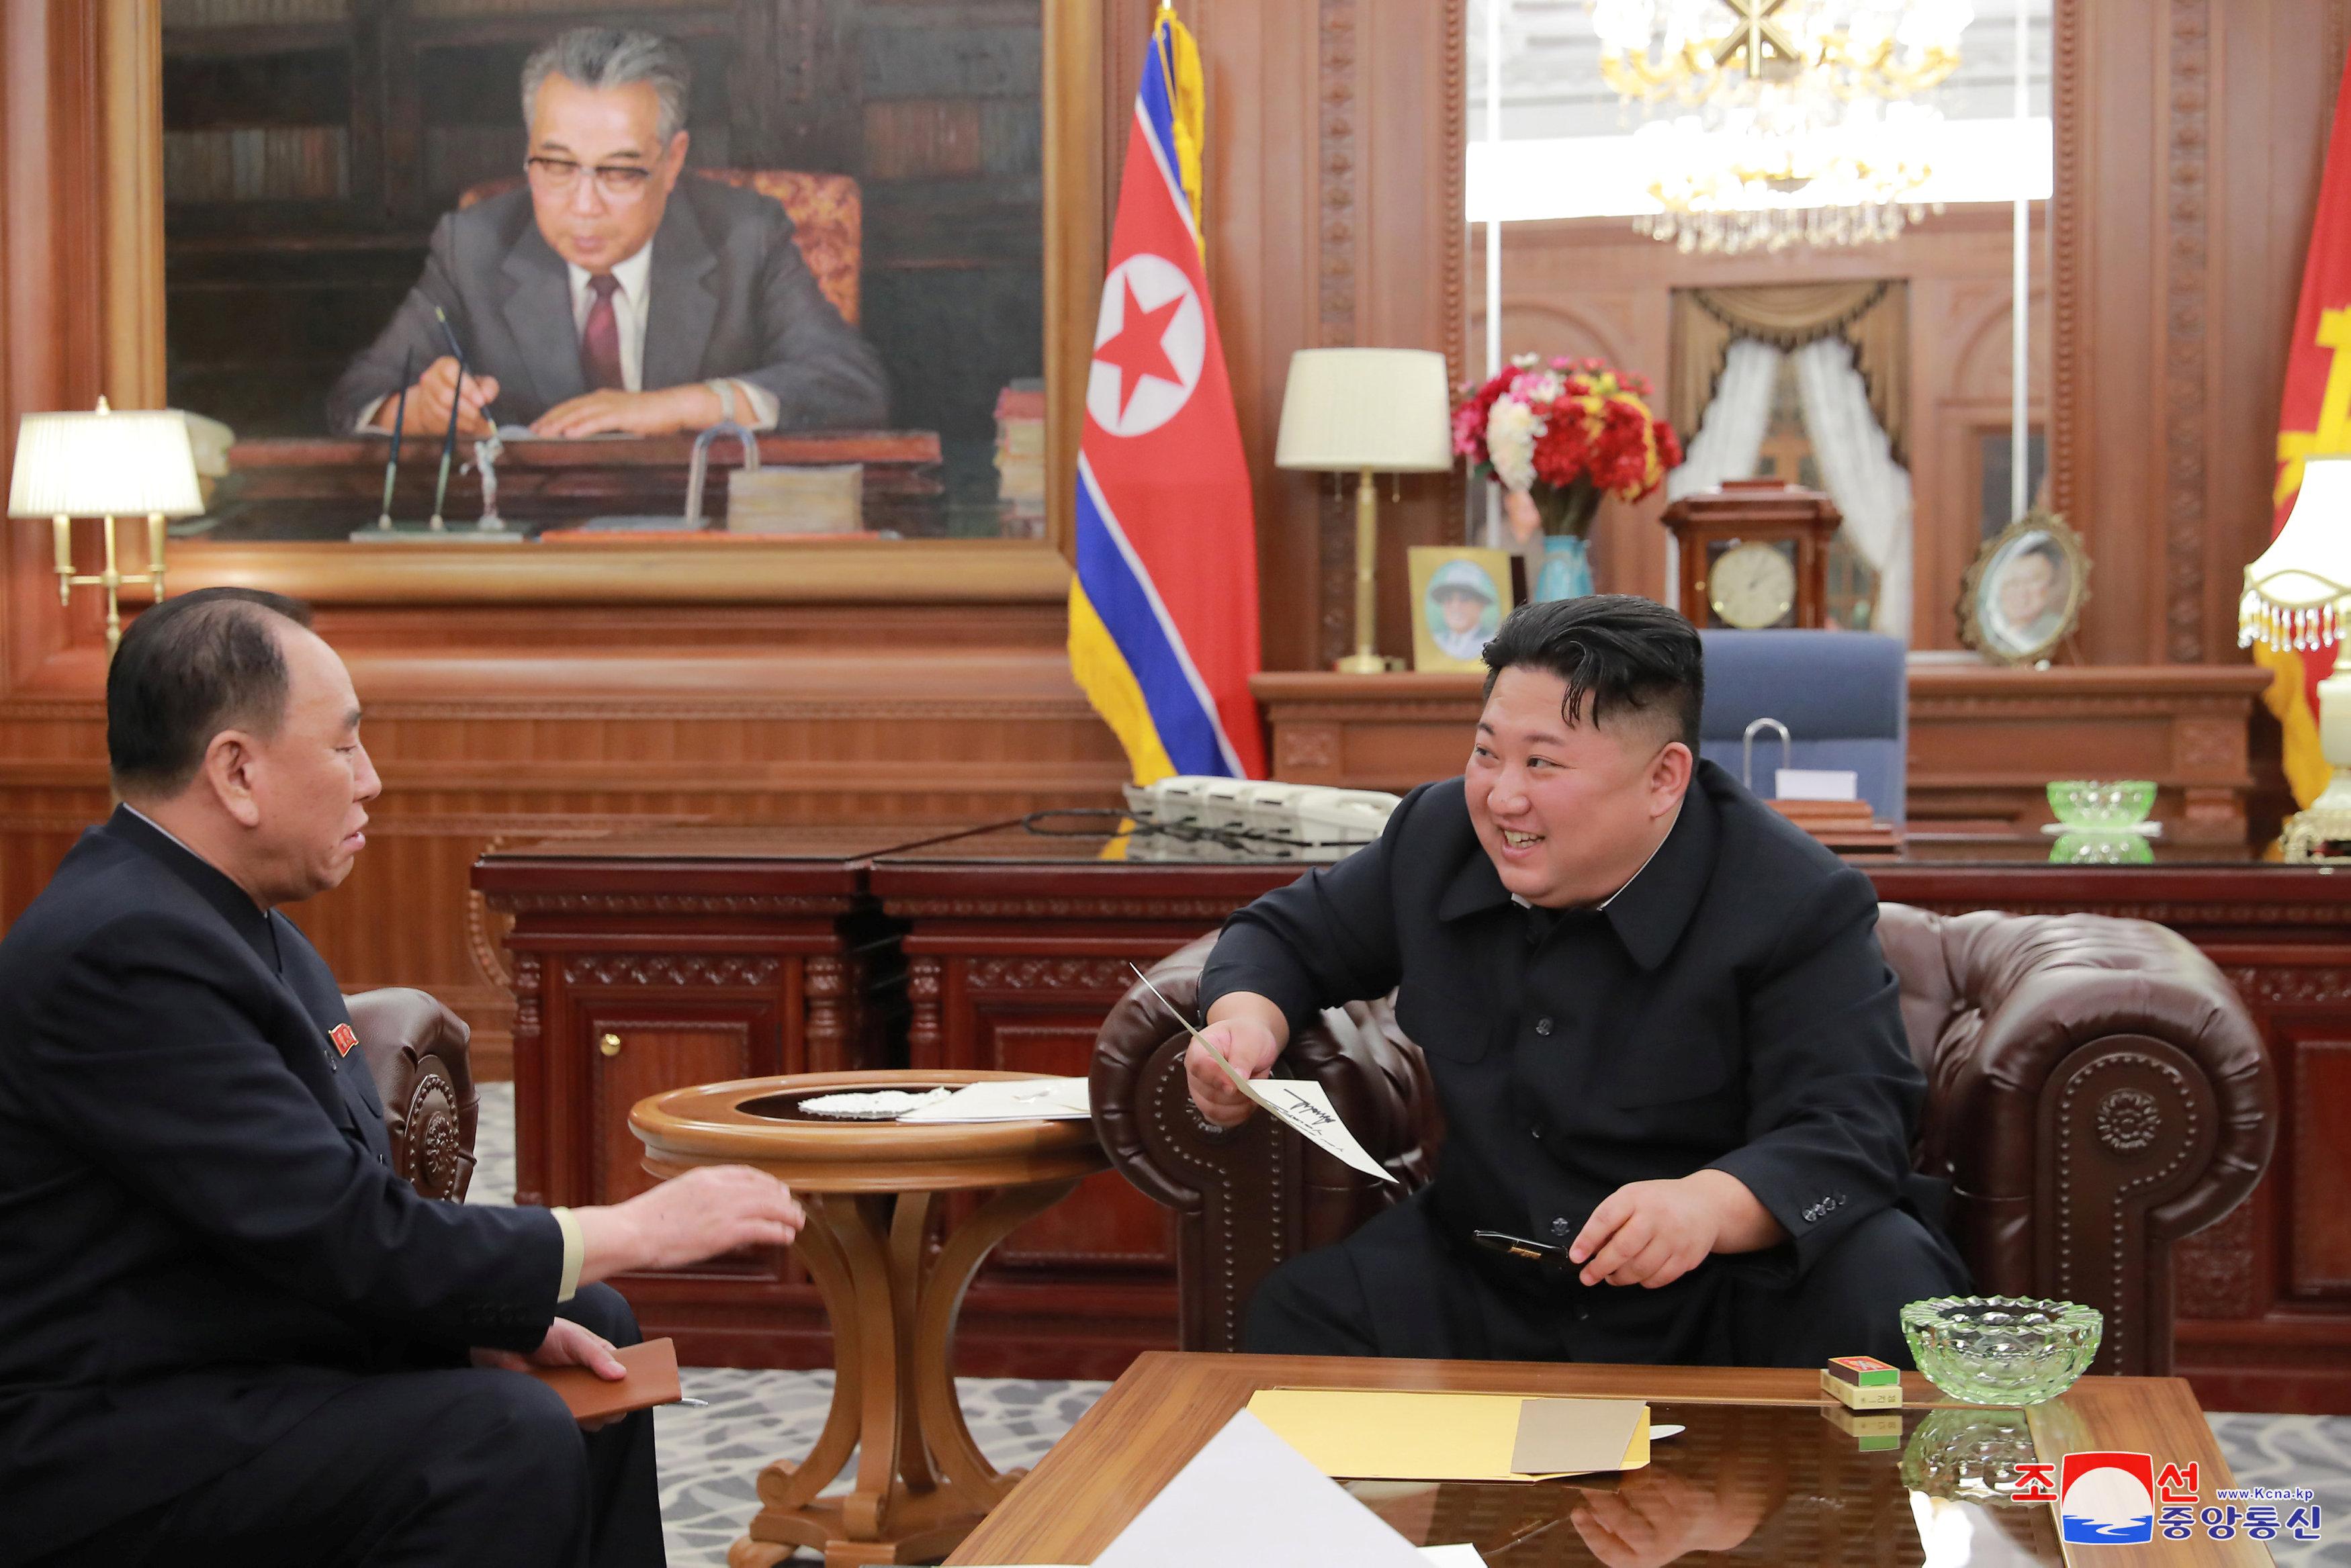 زعيم كوريا الشمالية يلتقى وفد بلاده الذى زار أمريكا (2)